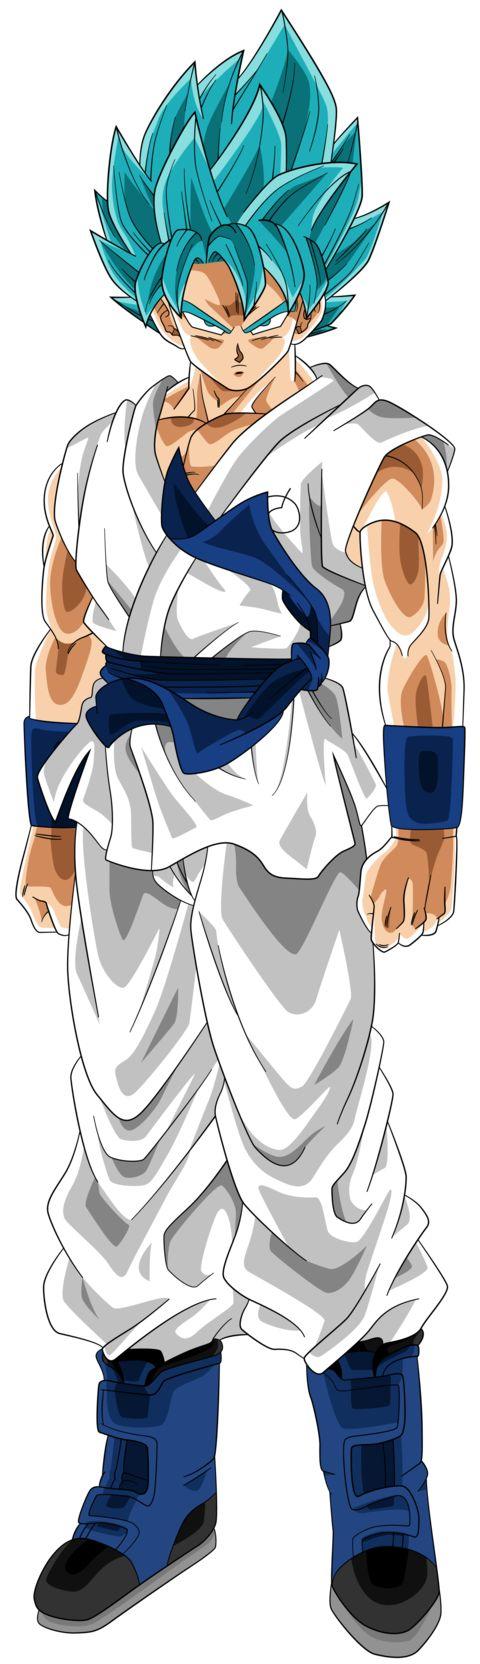 SSGSS Goku (Blue & White Gi)